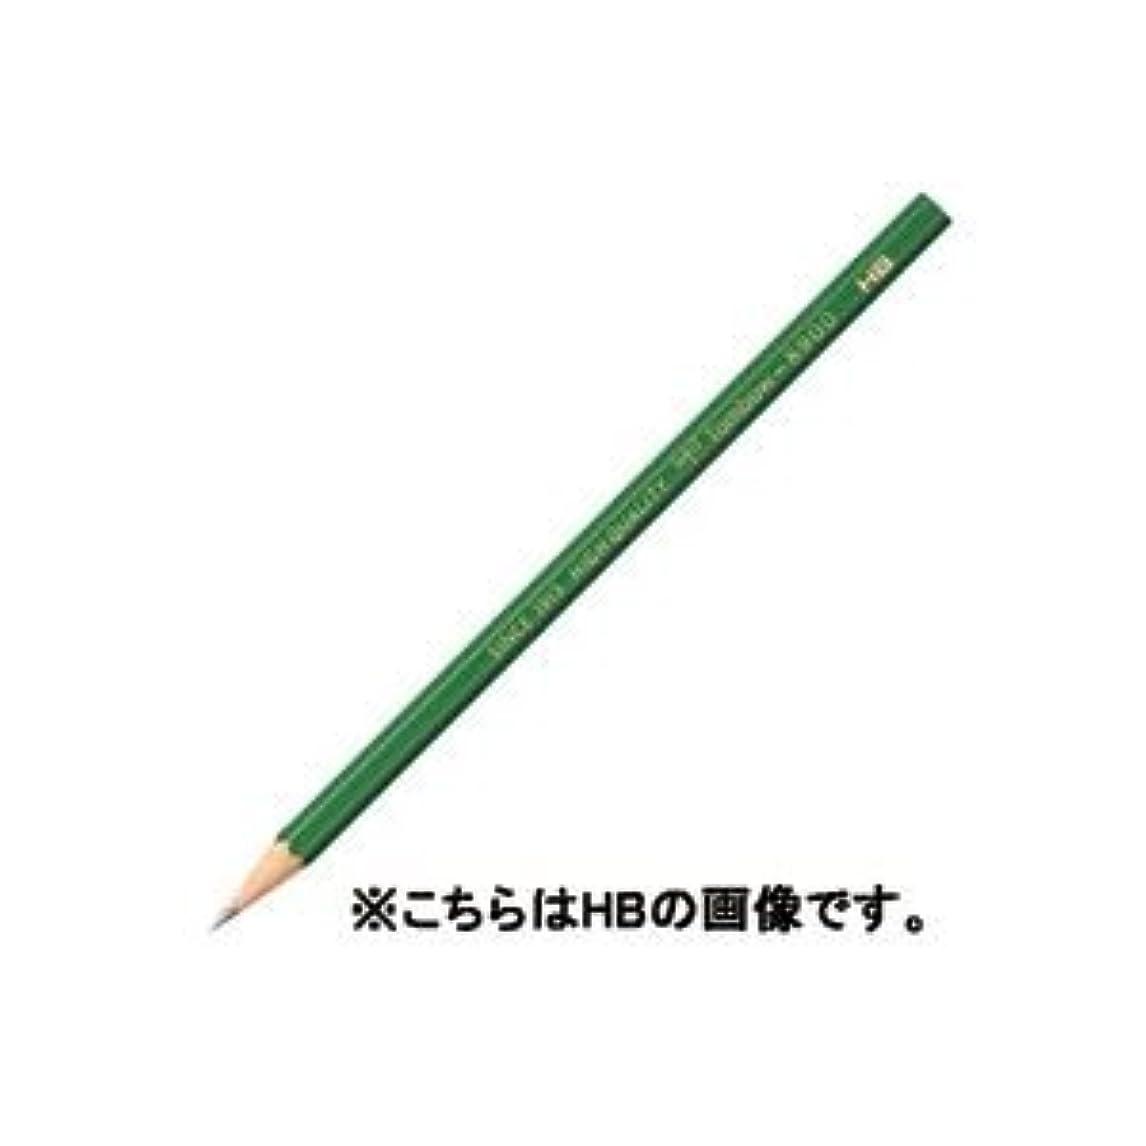 大宇宙繁栄する再集計(業務用10セット)トンボ鉛筆 鉛筆 8900 2B [簡易パッケージ品]